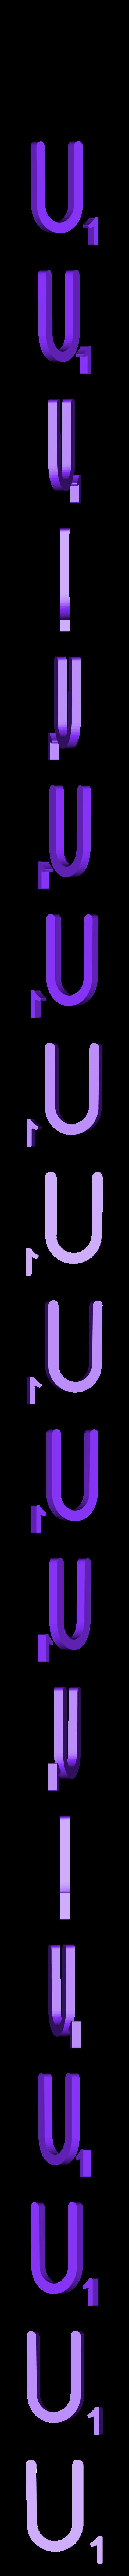 Dual_Letter_U.STL Télécharger fichier STL gratuit Pièces et support SCRABBBLE • Design pour imprimante 3D, Balkhagal4D